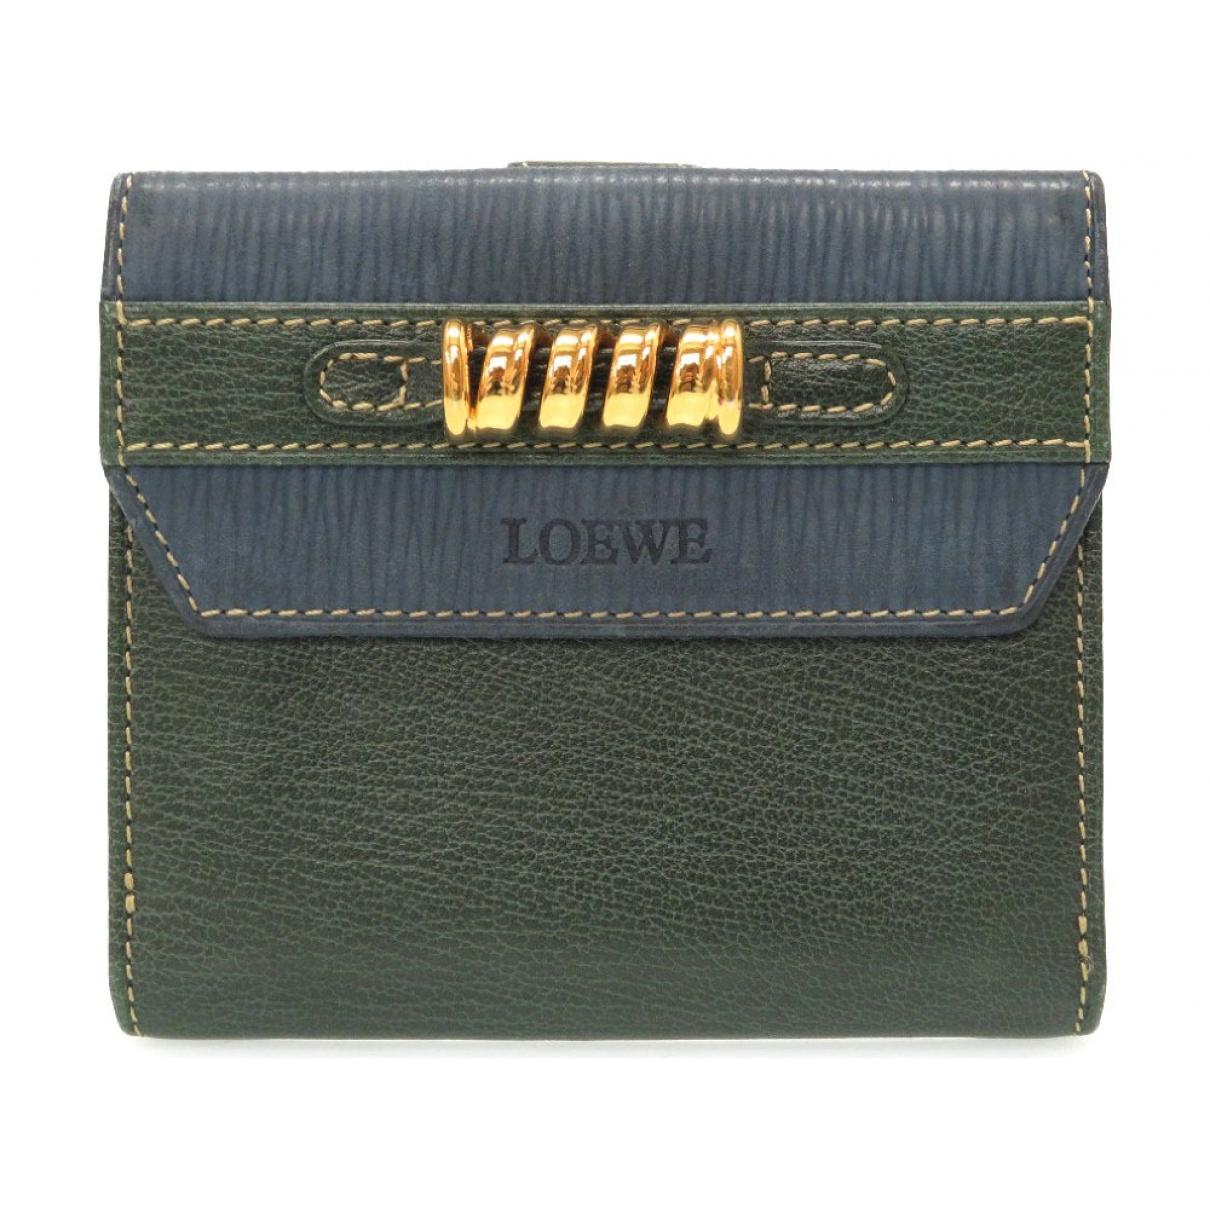 Loewe \N Portemonnaie in  Gruen Leder